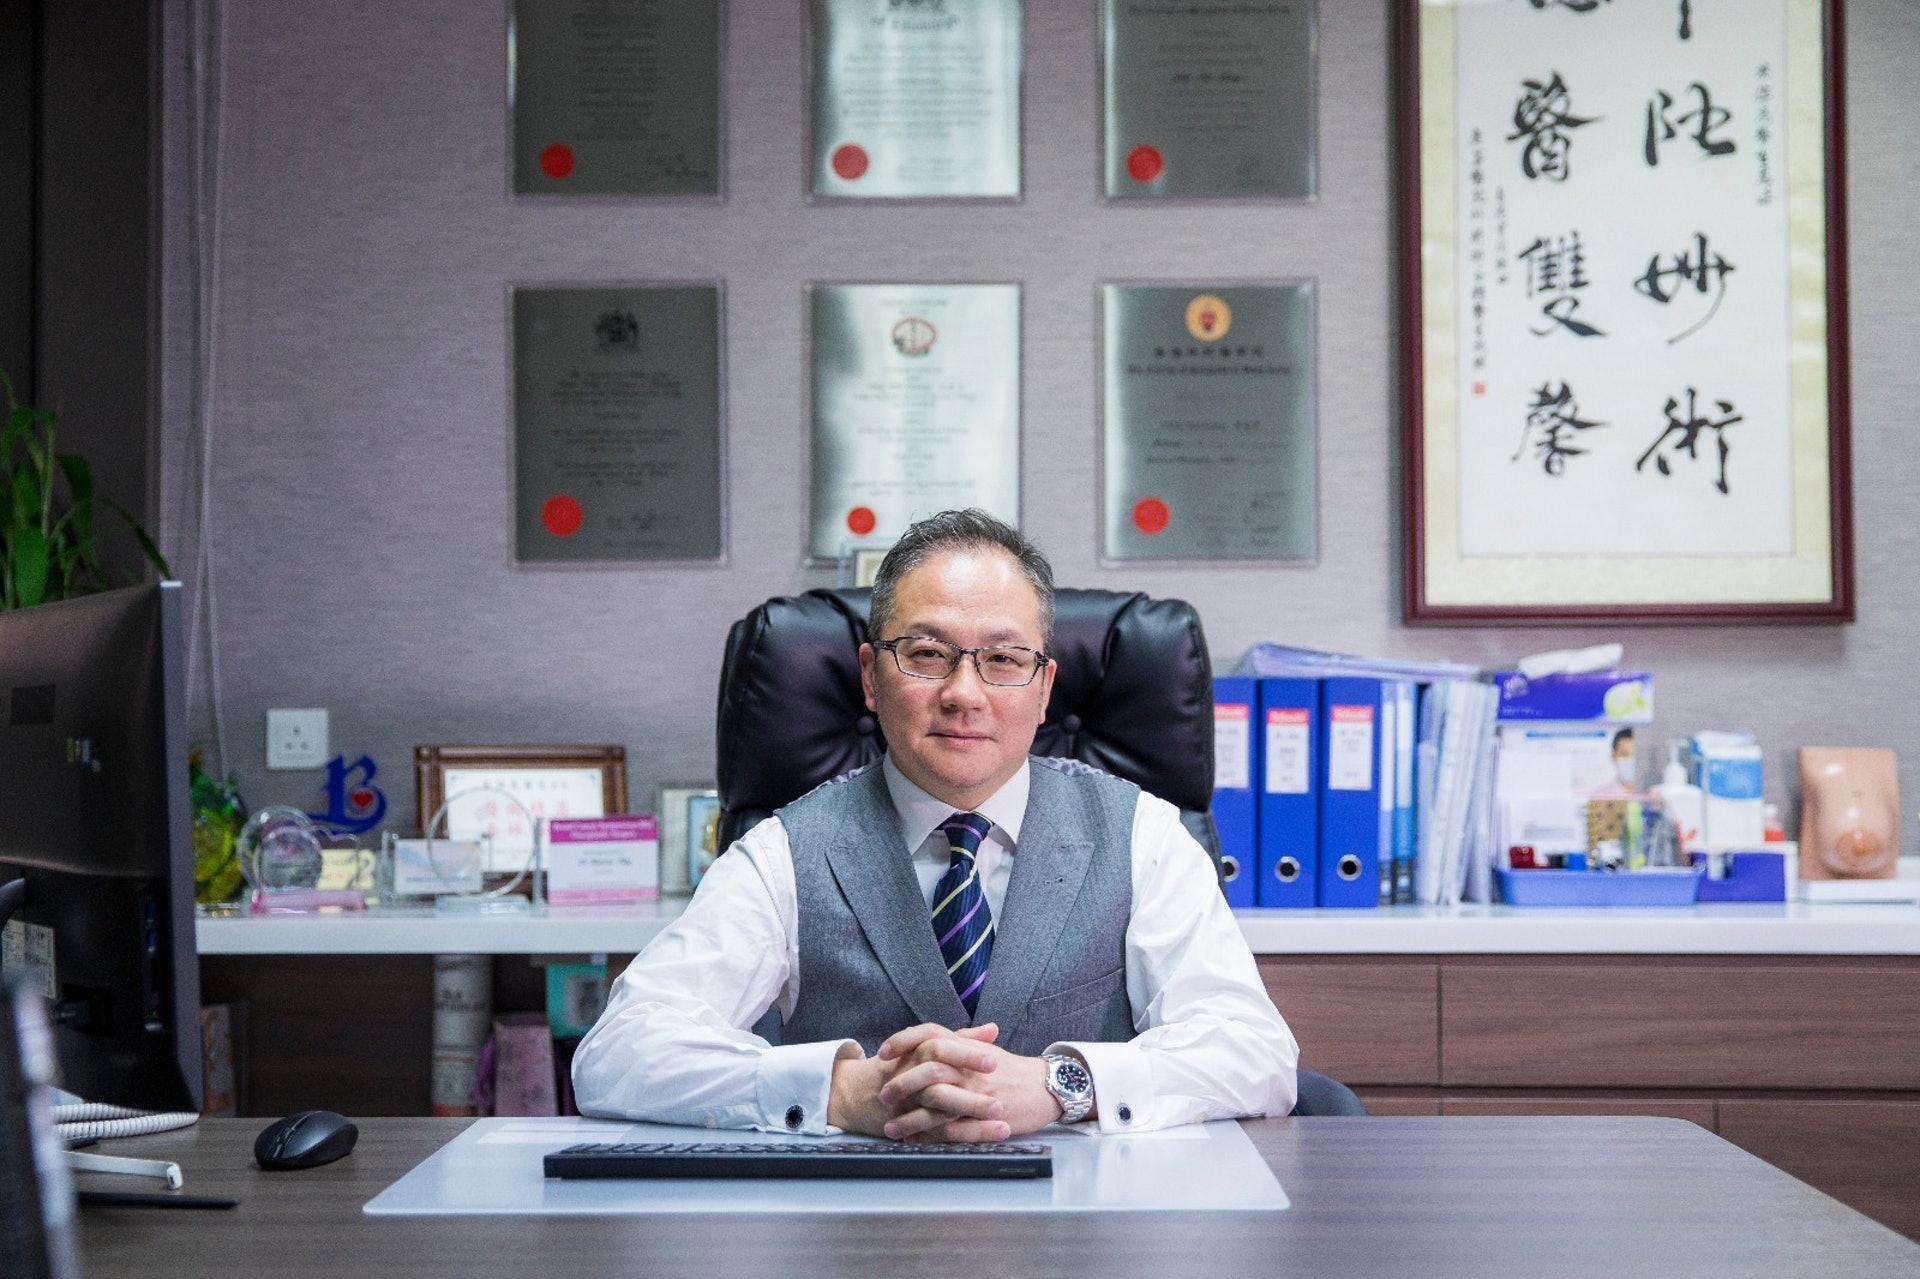 乳腺外科專科醫生英偉亮(撰稿人授權提供)